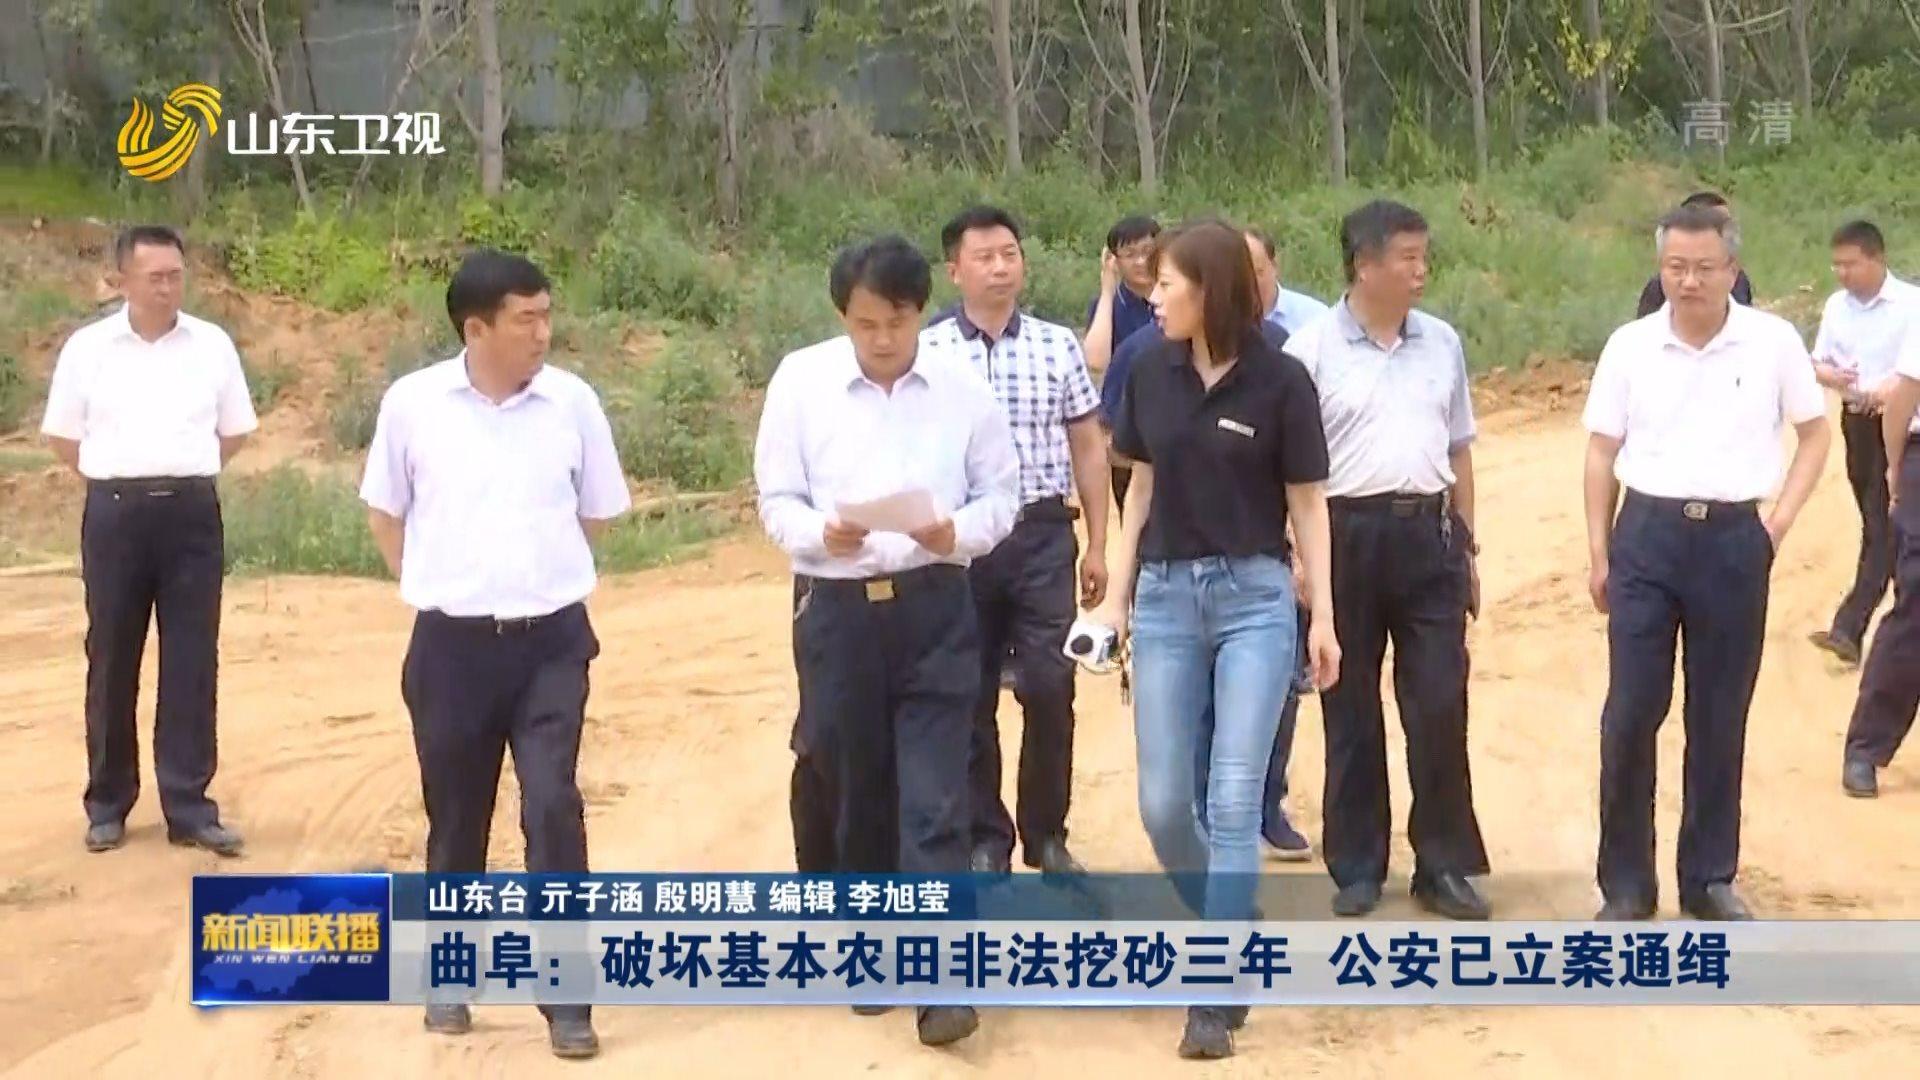 【问政·追踪】曲阜:破坏基本农田非法挖砂三年 公安已立案通缉